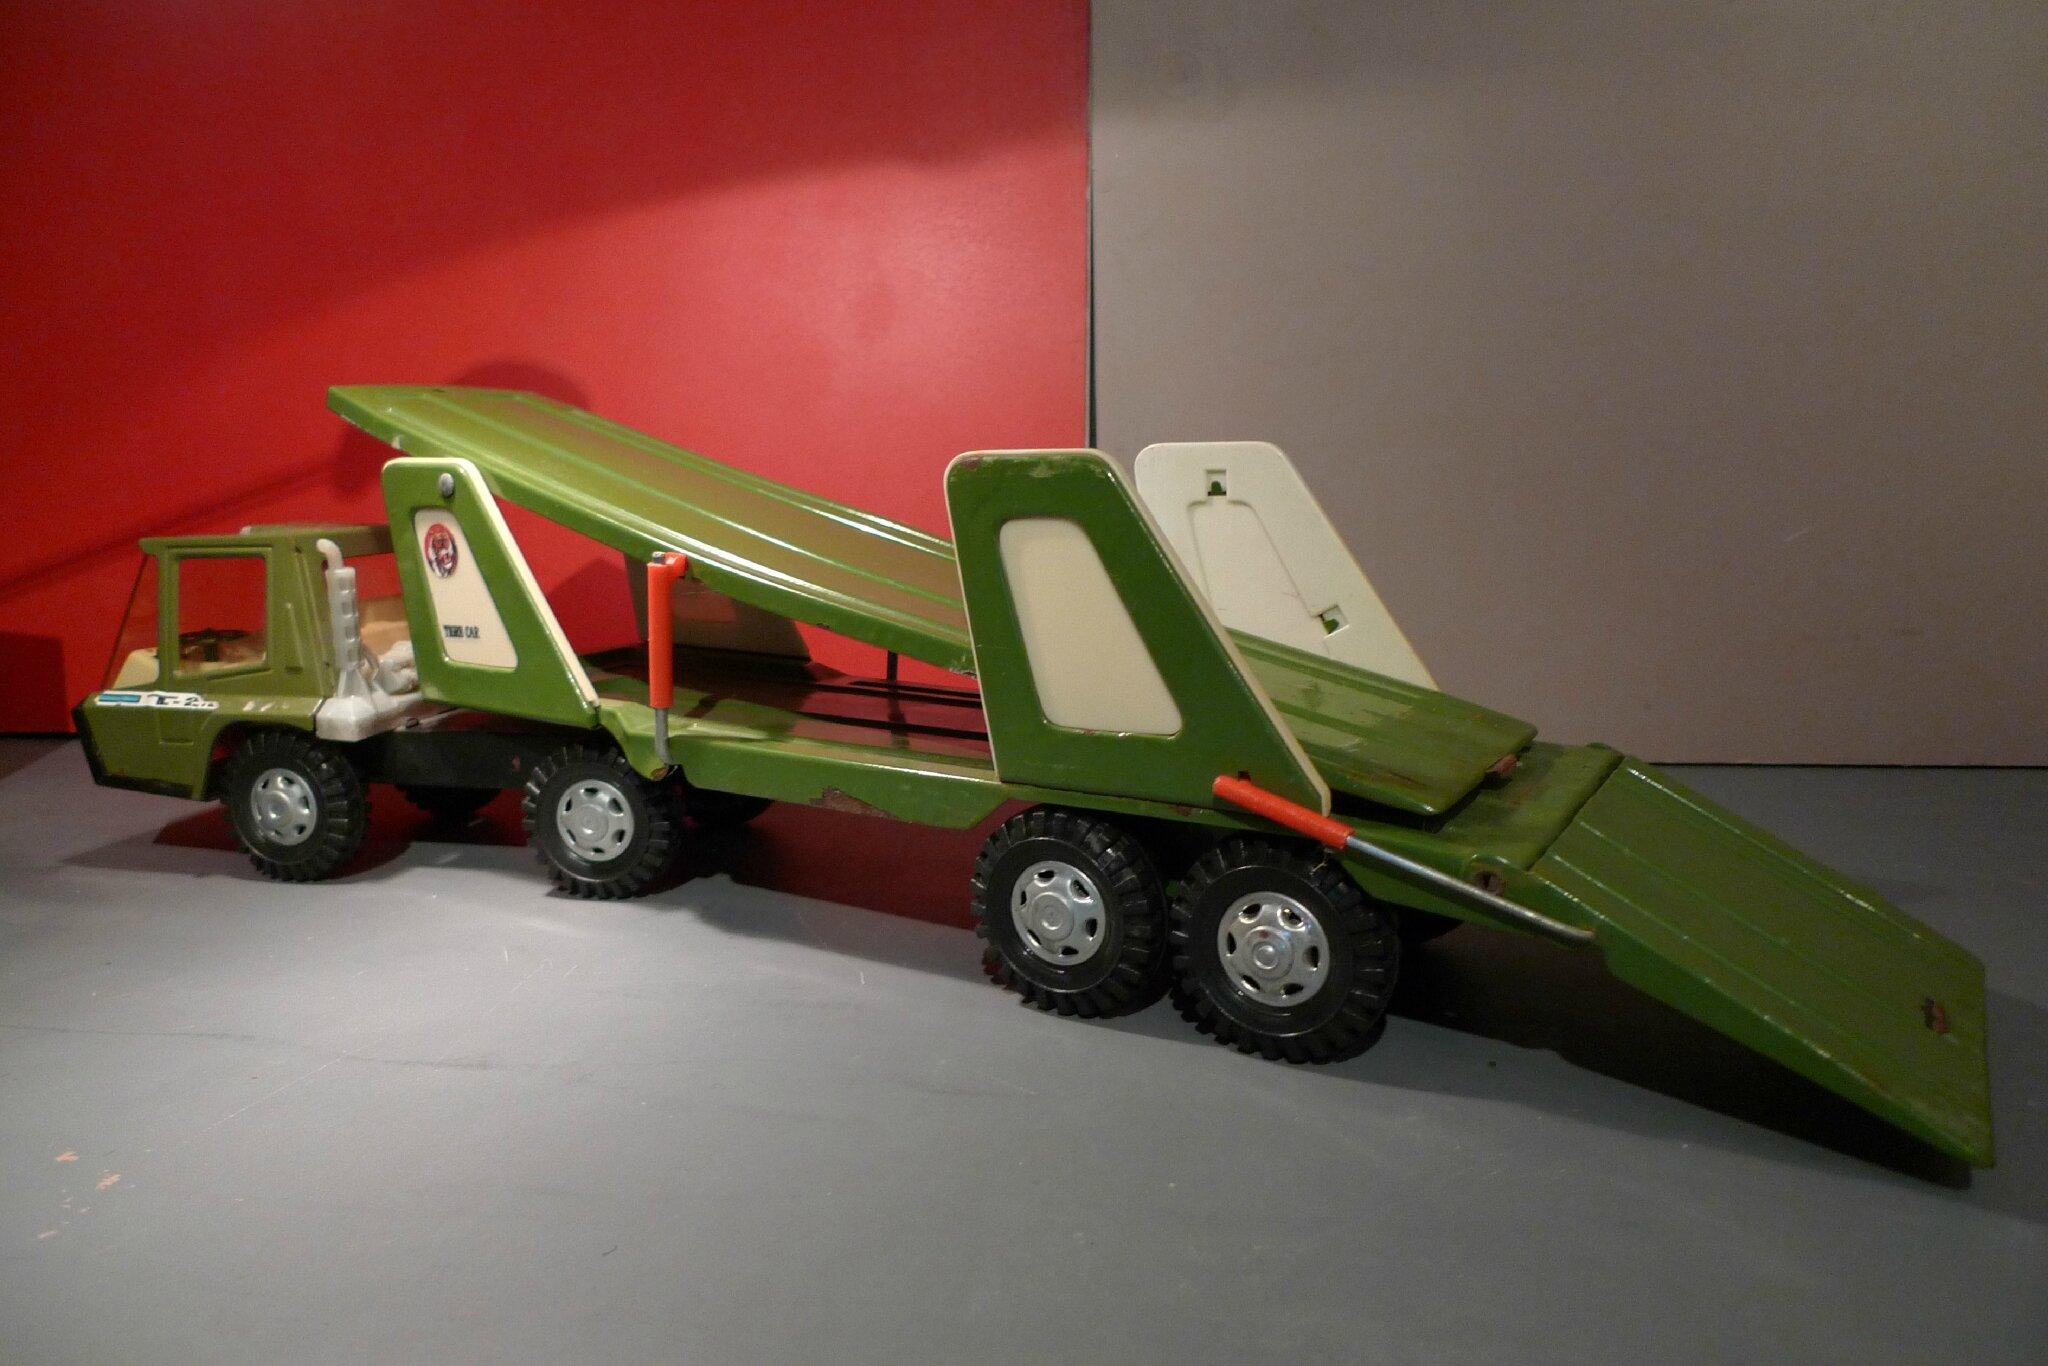 un camion porte voitures costaud de la marque gozan le tigre 2000 des ann es 70 loulou et. Black Bedroom Furniture Sets. Home Design Ideas